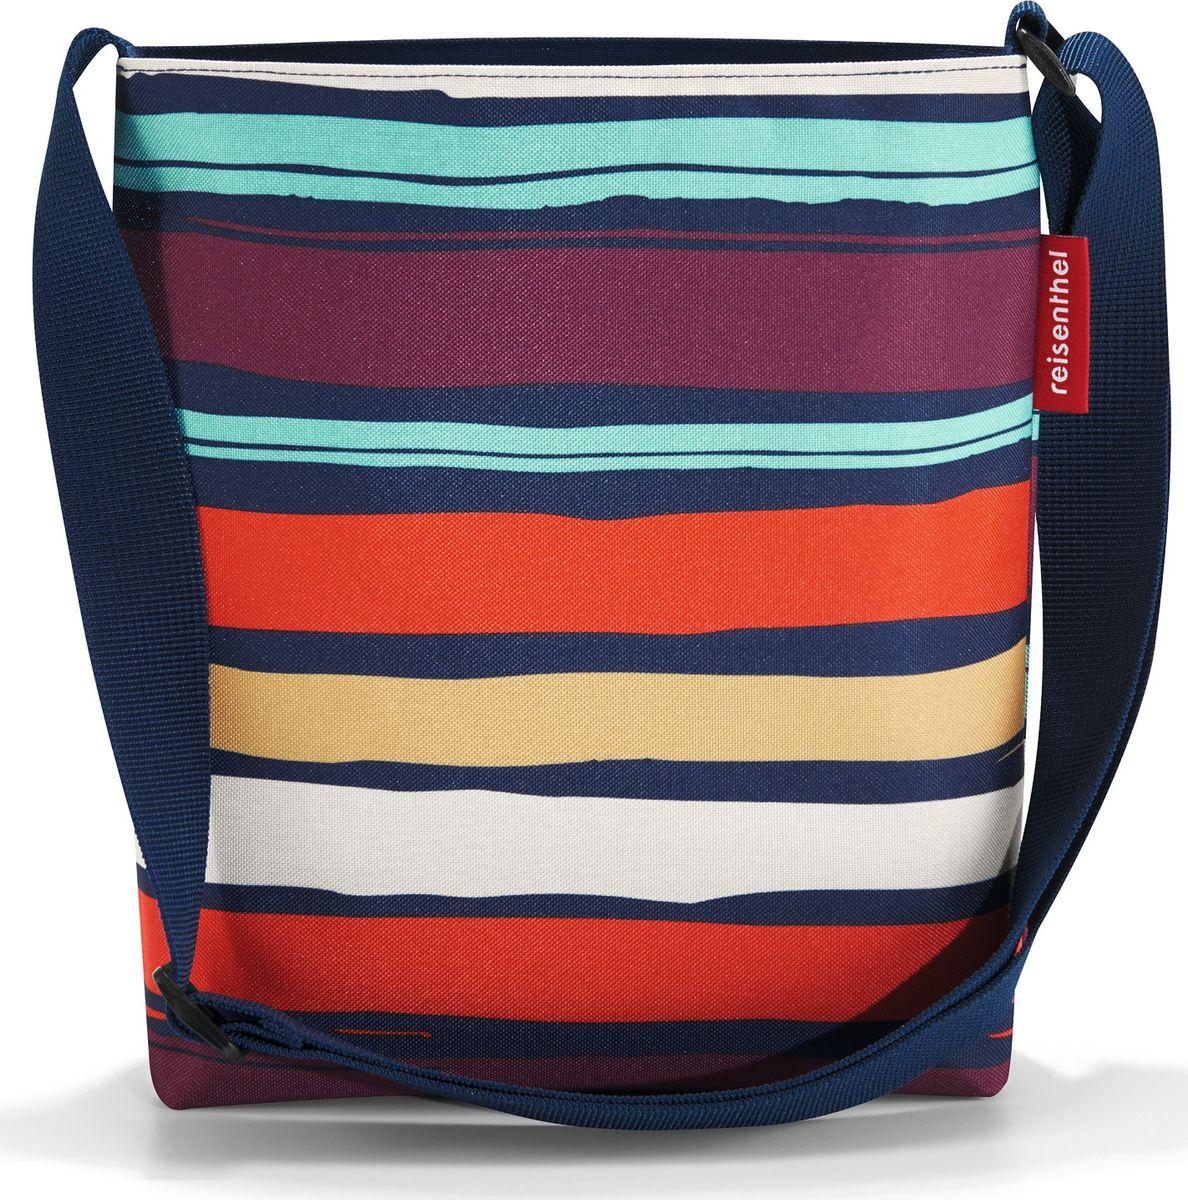 Сумка женская Reisenthel Shoulderbag S Artist Stripes, цвет: мультиколор. HY30583-47660-00504Простая, но очень вместительная сумка через плечо. Сочетание нескольких цветов позволяет носить сумку со множеством самых разных нарядов, не изменяя собственному стилю.- застегивается на молнию;- широкий удобный ремень регулируемой длины;- внутренний карман на молнии;